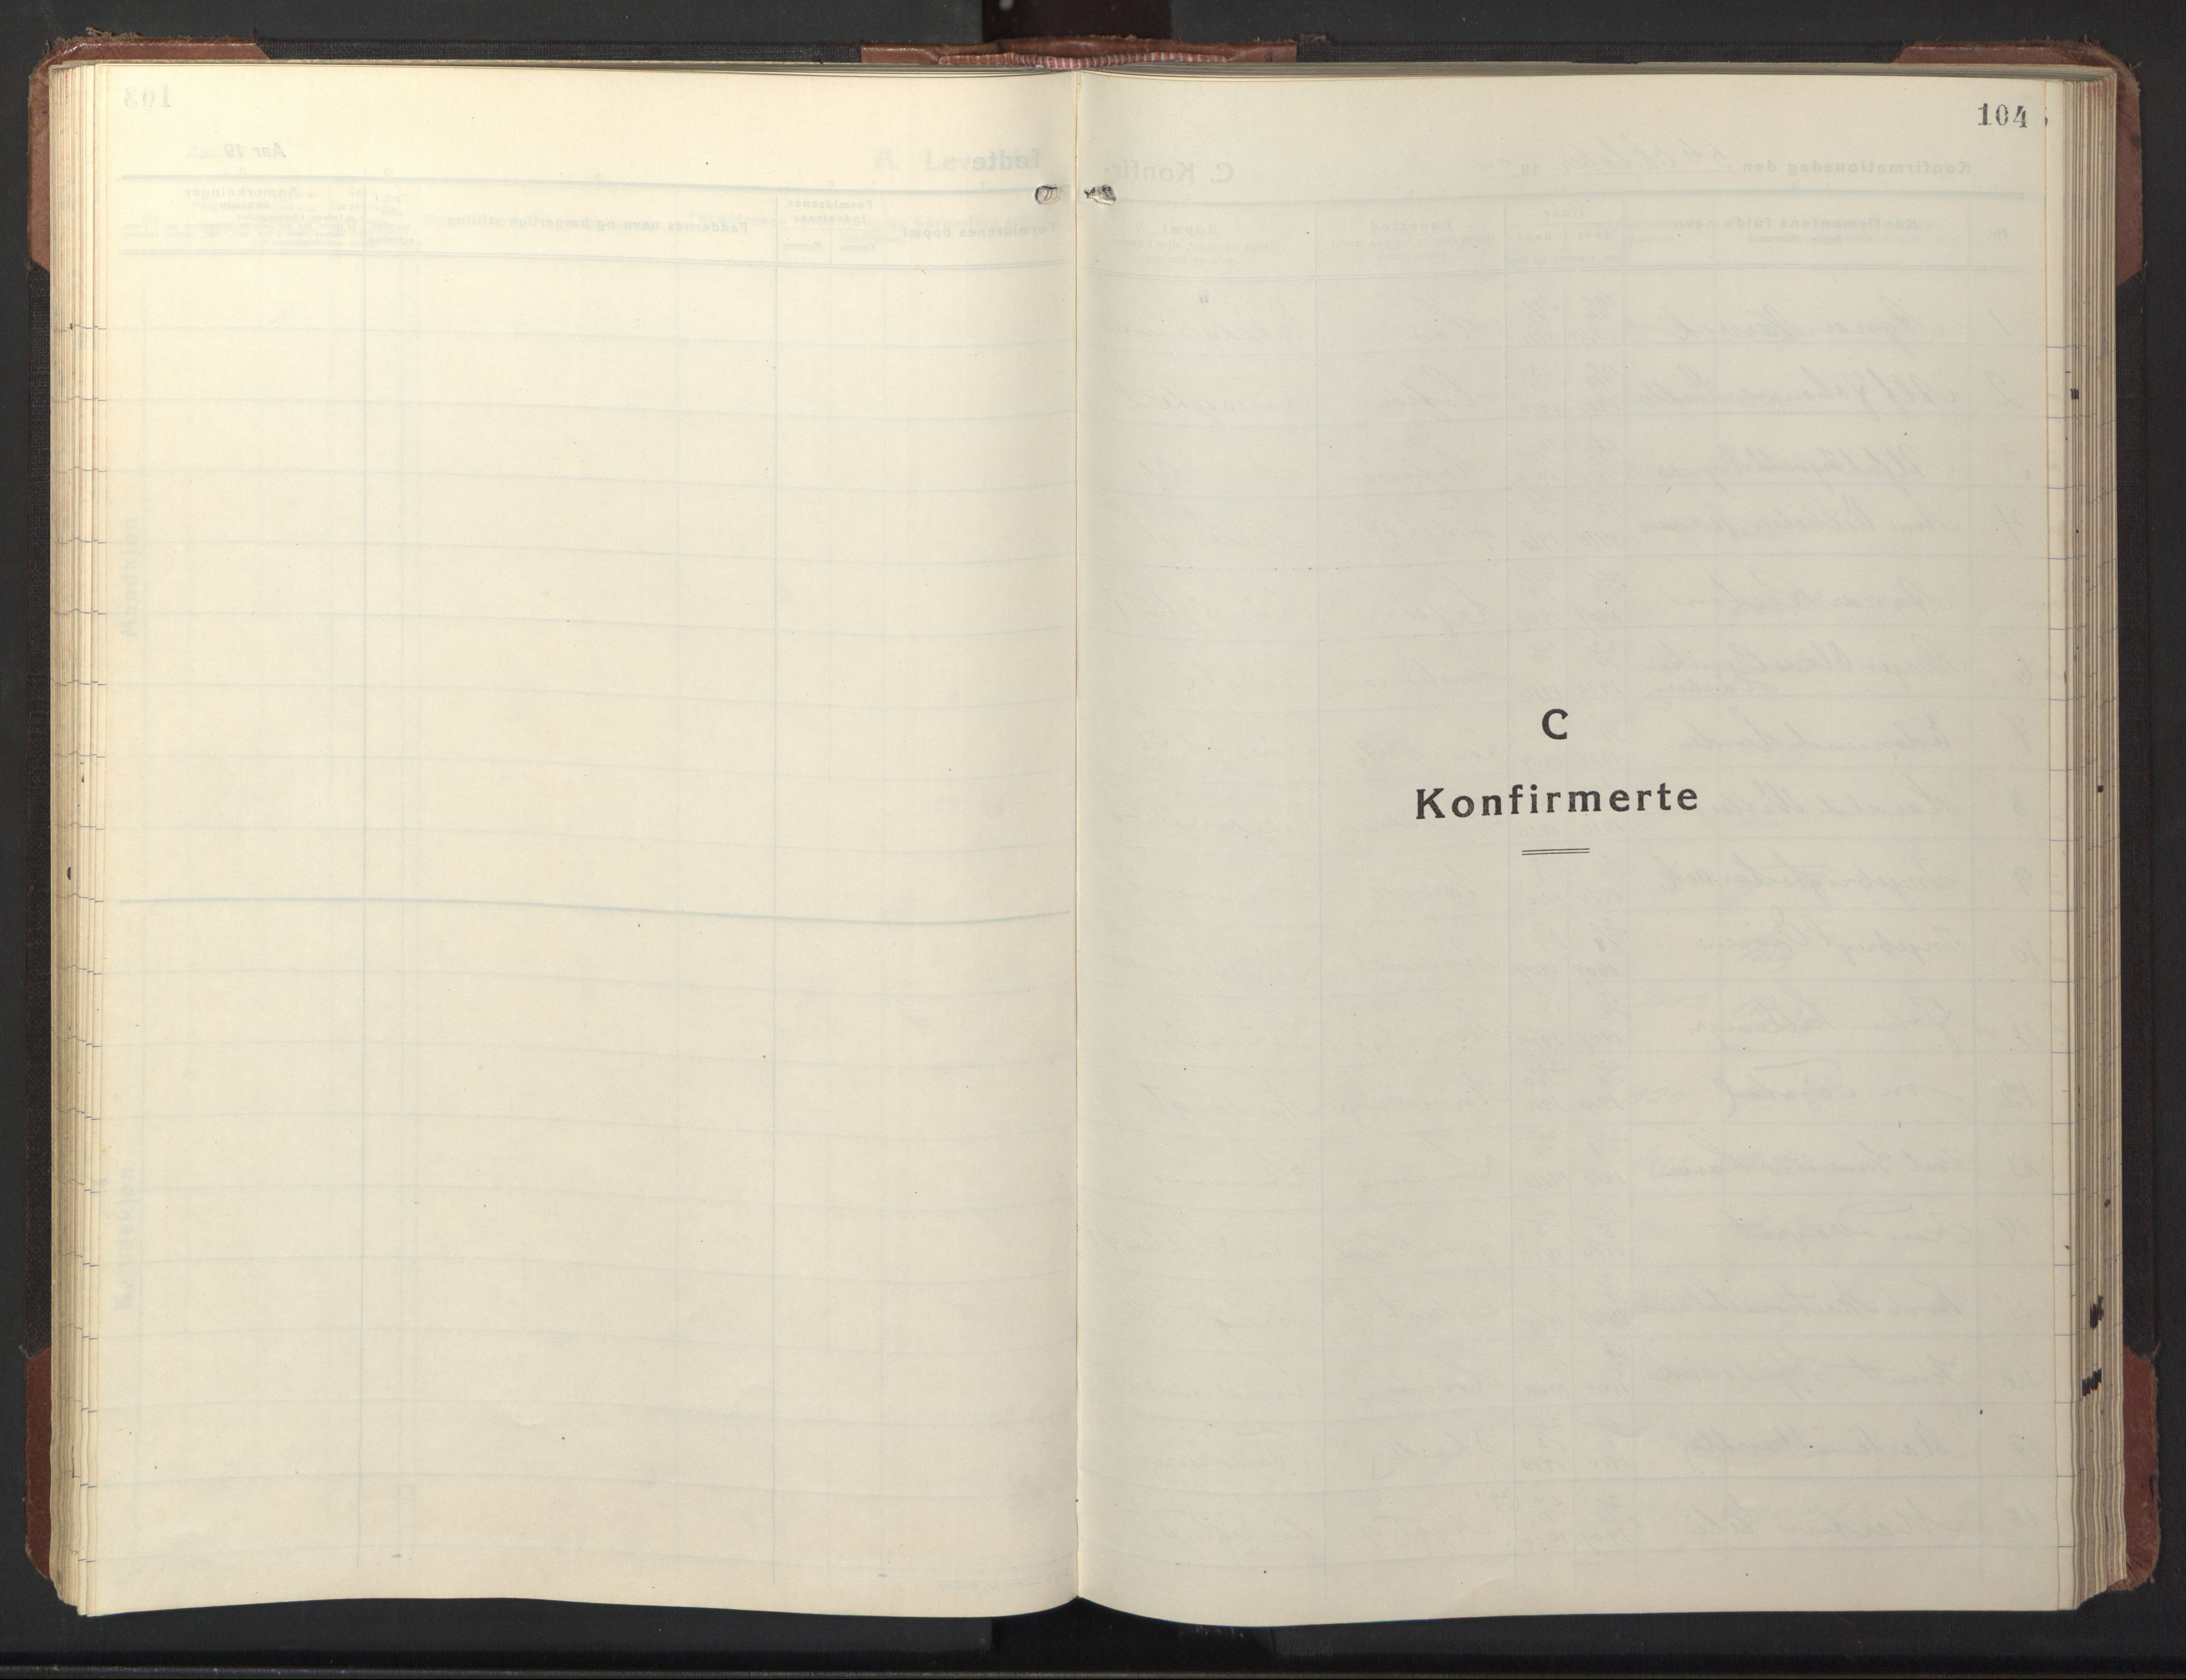 SAT, Ministerialprotokoller, klokkerbøker og fødselsregistre - Sør-Trøndelag, 669/L0832: Klokkerbok nr. 669C02, 1925-1953, s. 104